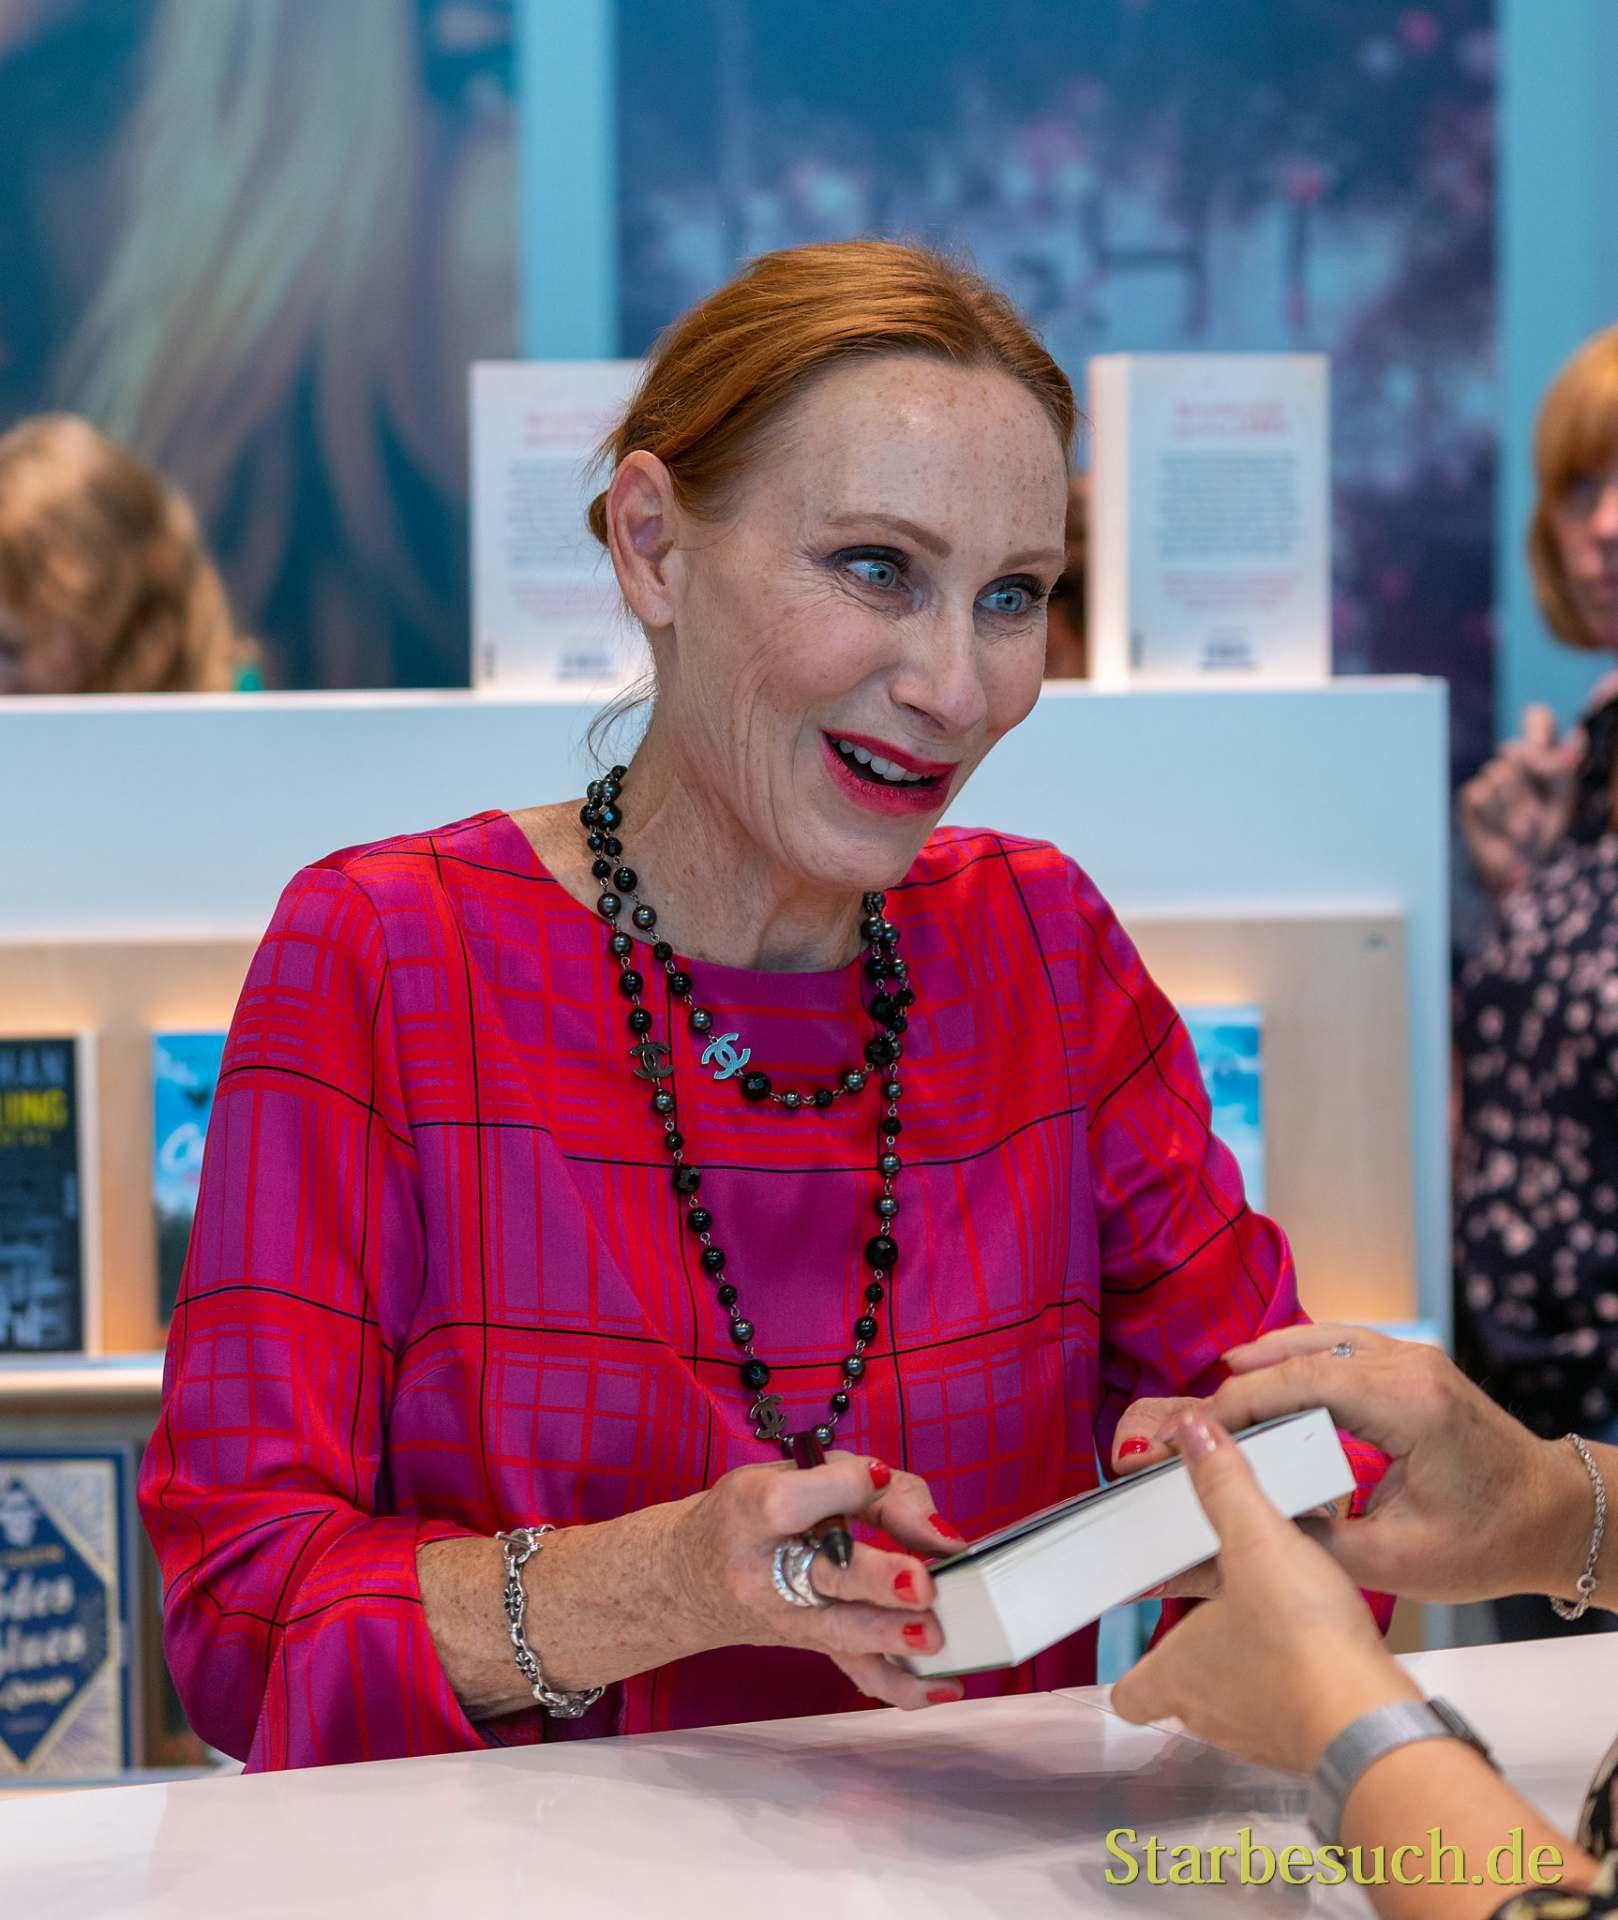 Andrea Sawatzki signiert begeistert für Fans